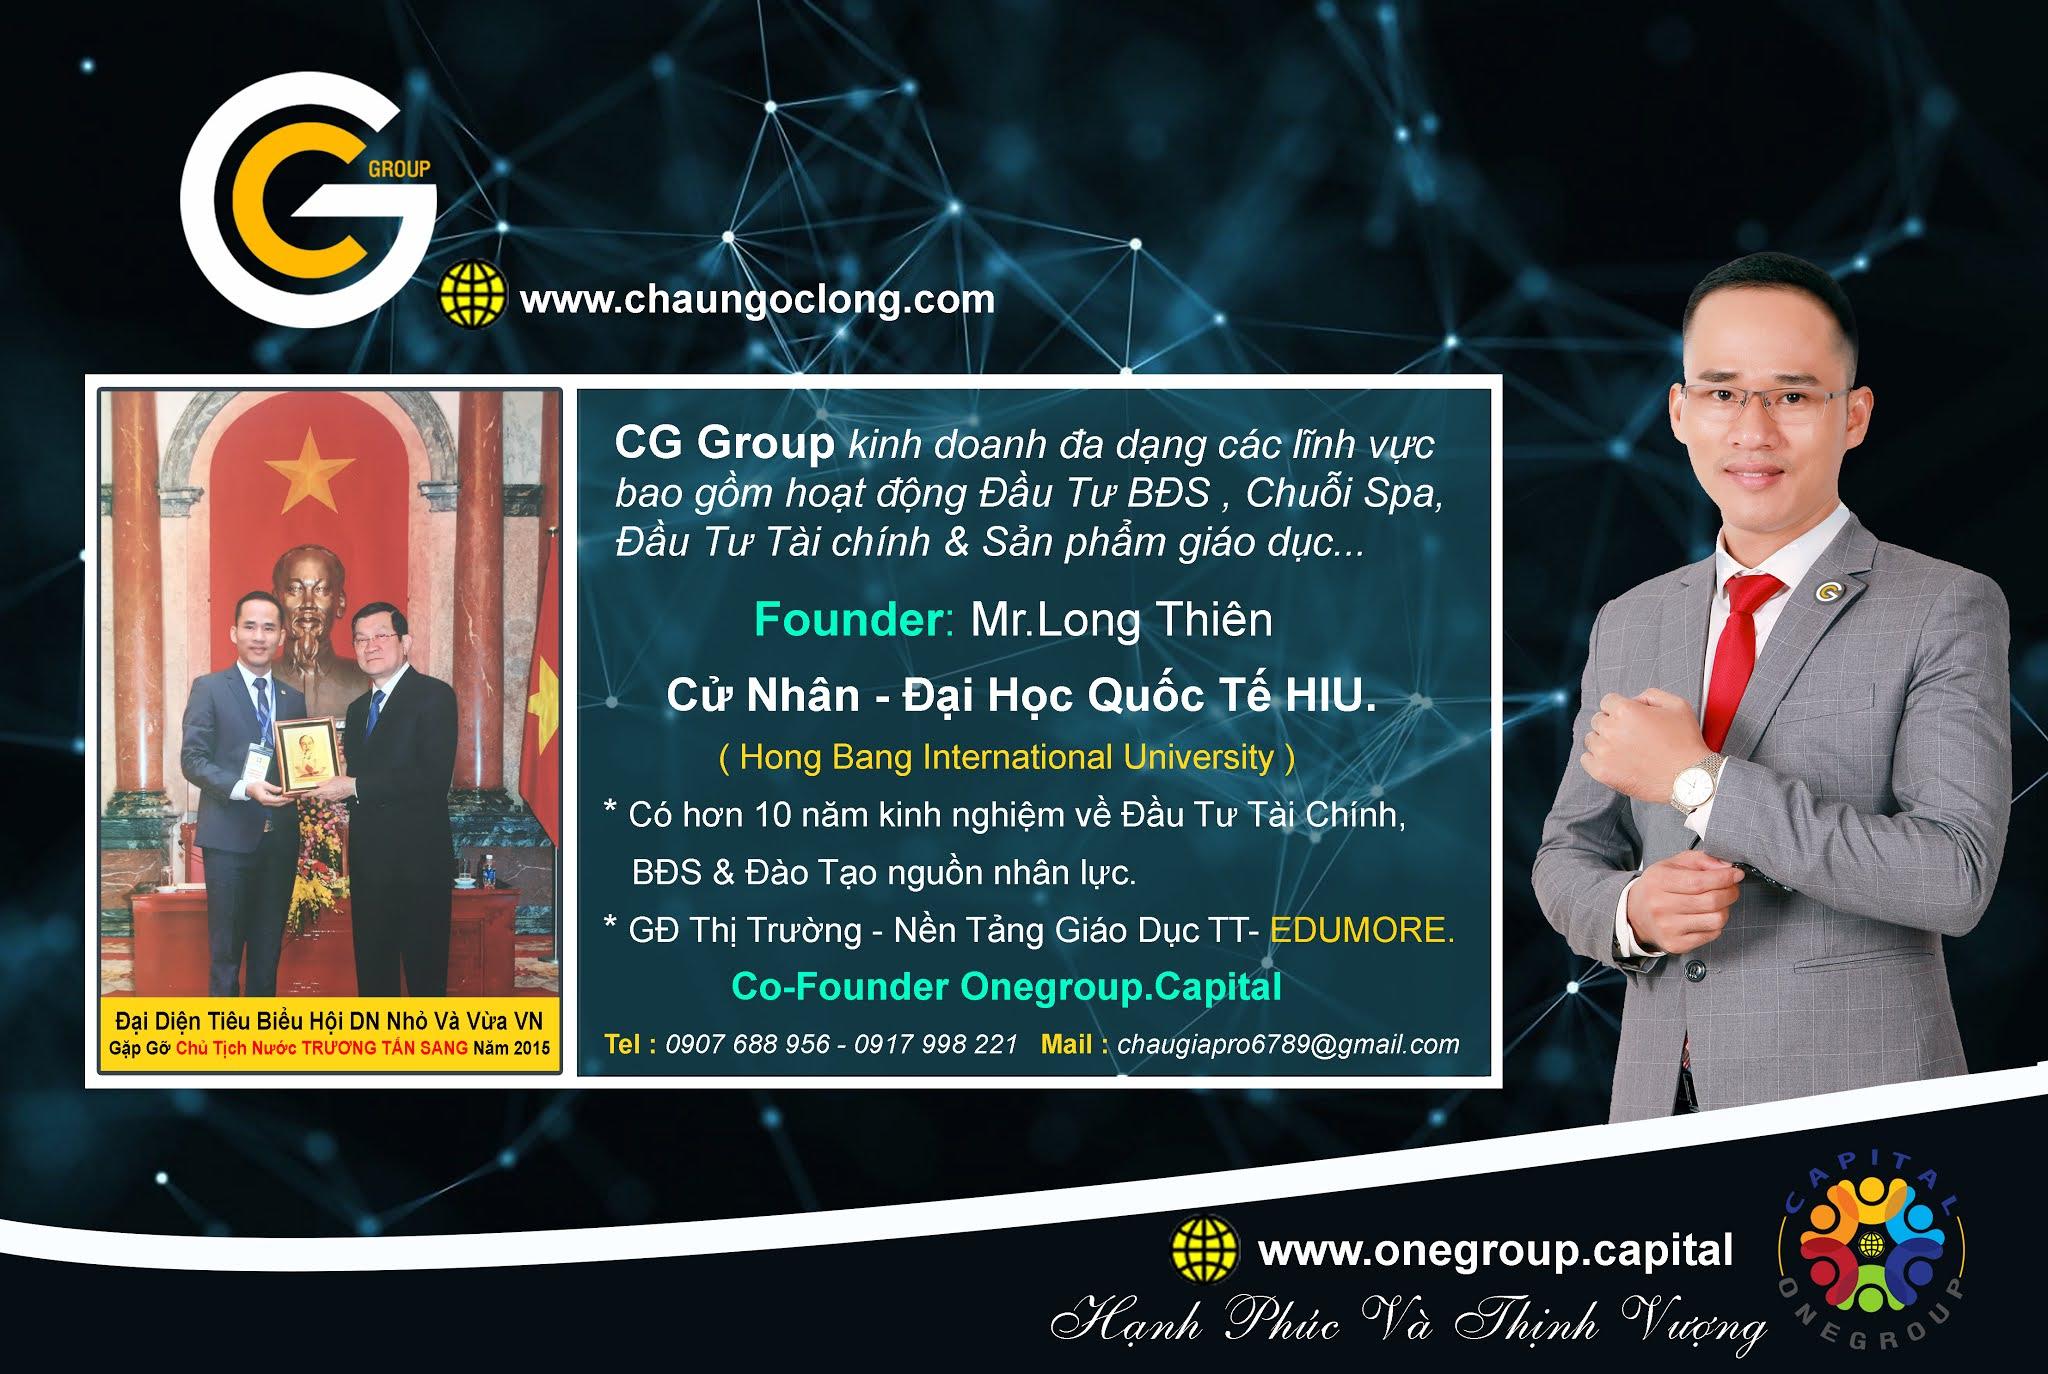 <b>GIỚI THIỆU VỀ CG GROUP</b>